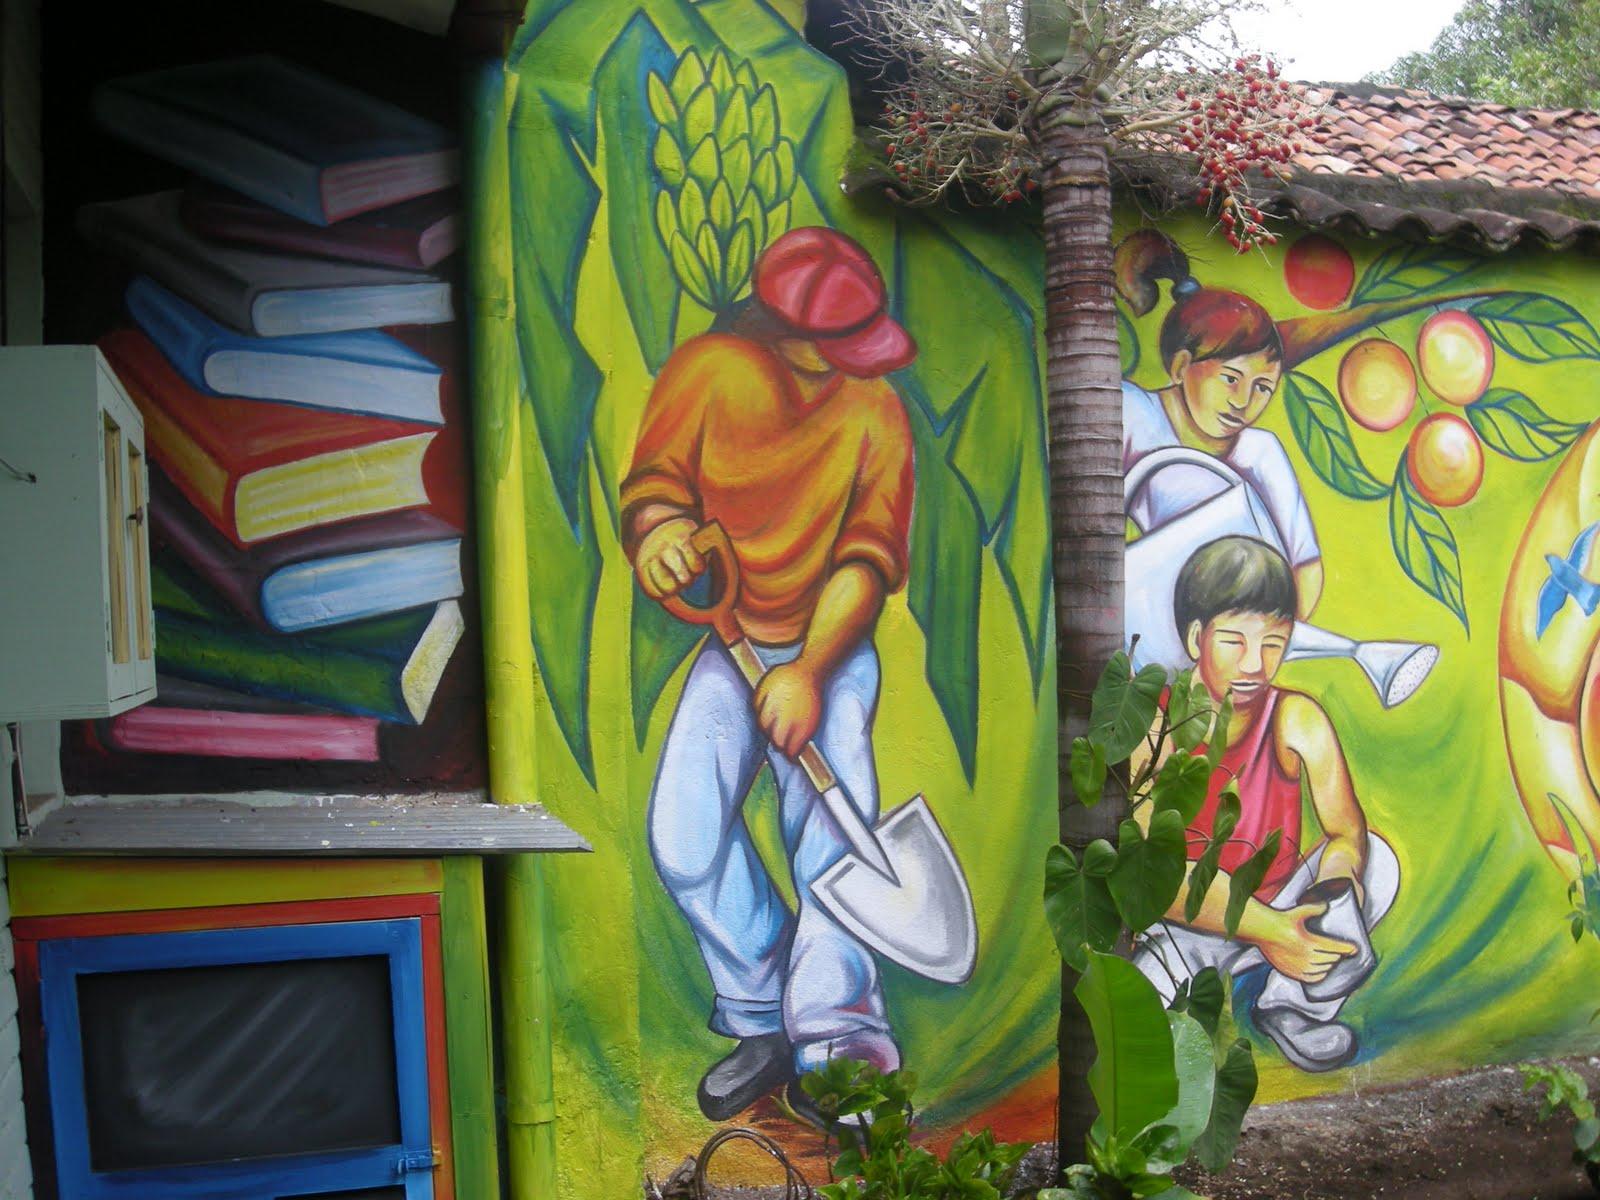 Huellas estelares blog de roberto loaisiga mendez for Mural nicaraguense